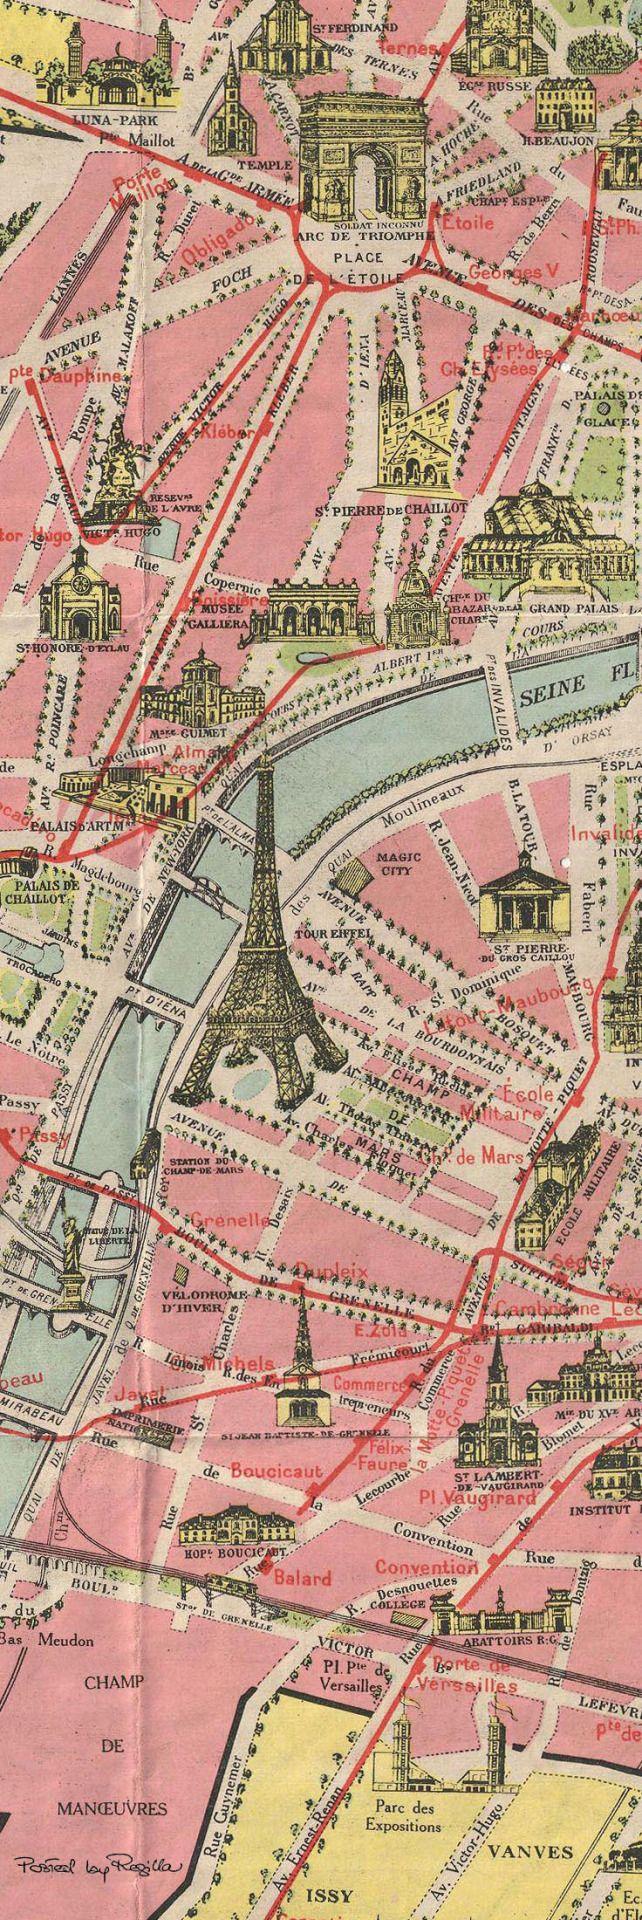 545 best ideas about Travel - France on Pinterest | Paris ...